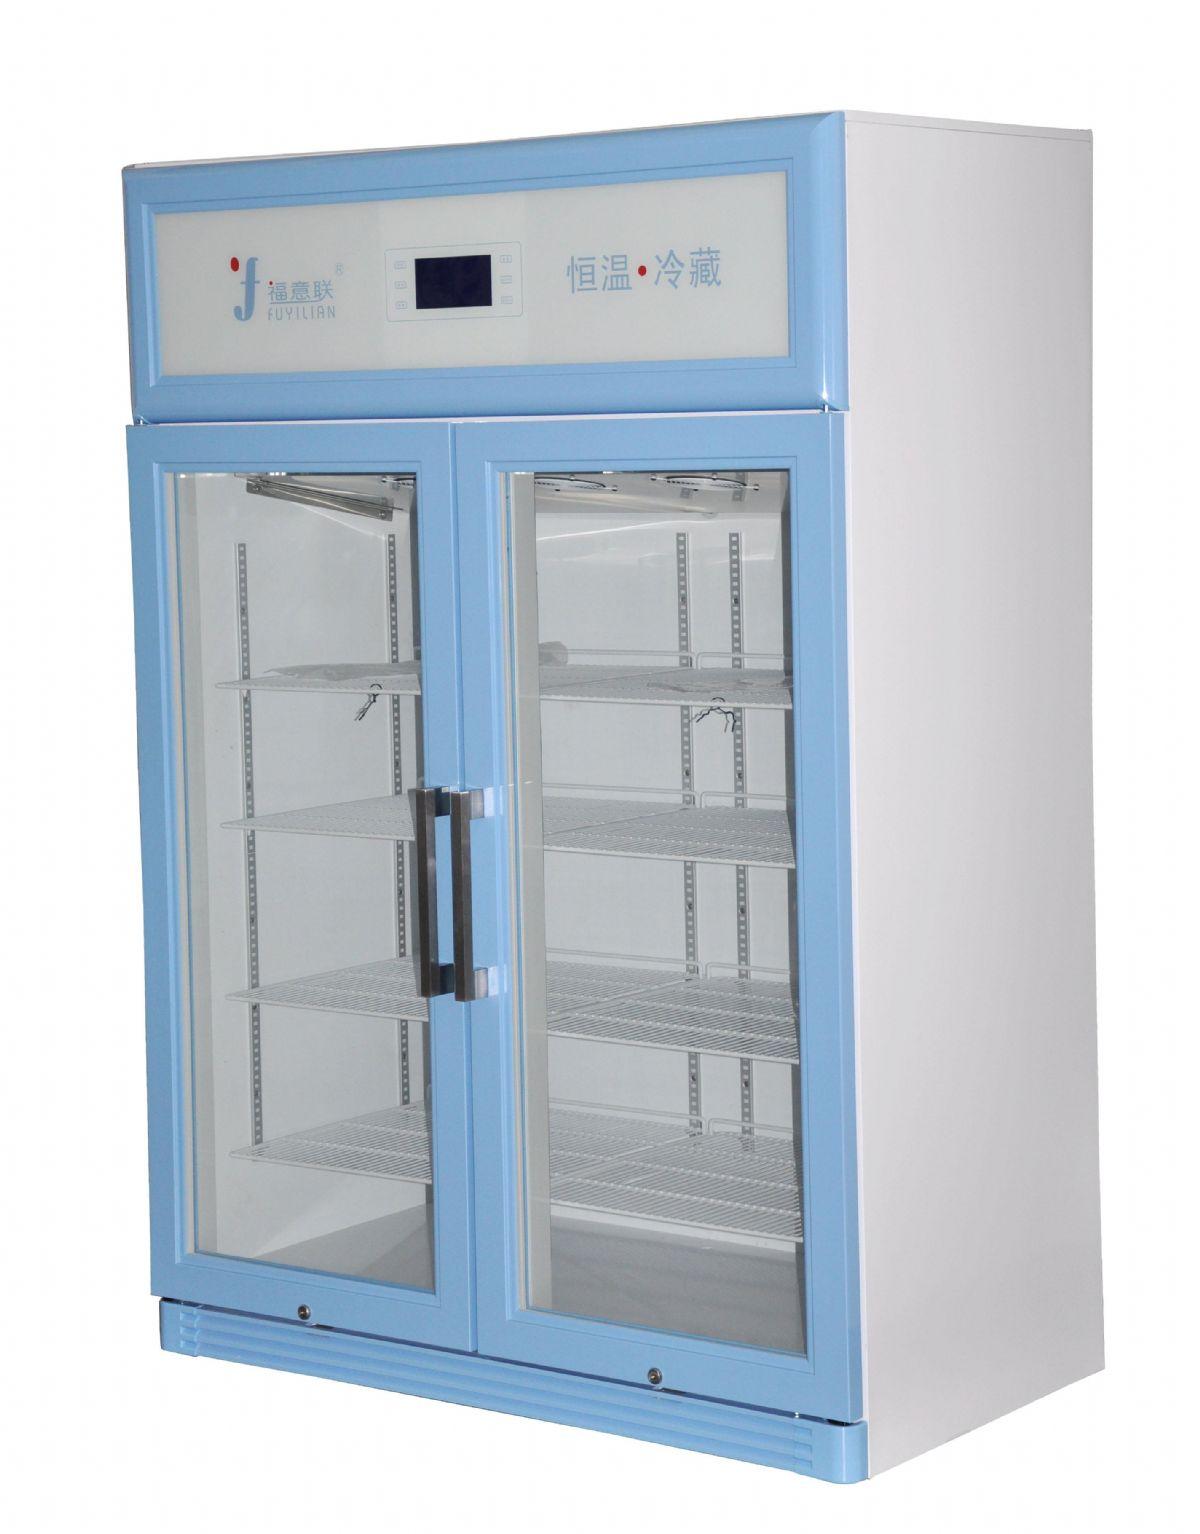 新飛醫用冷藏冰箱